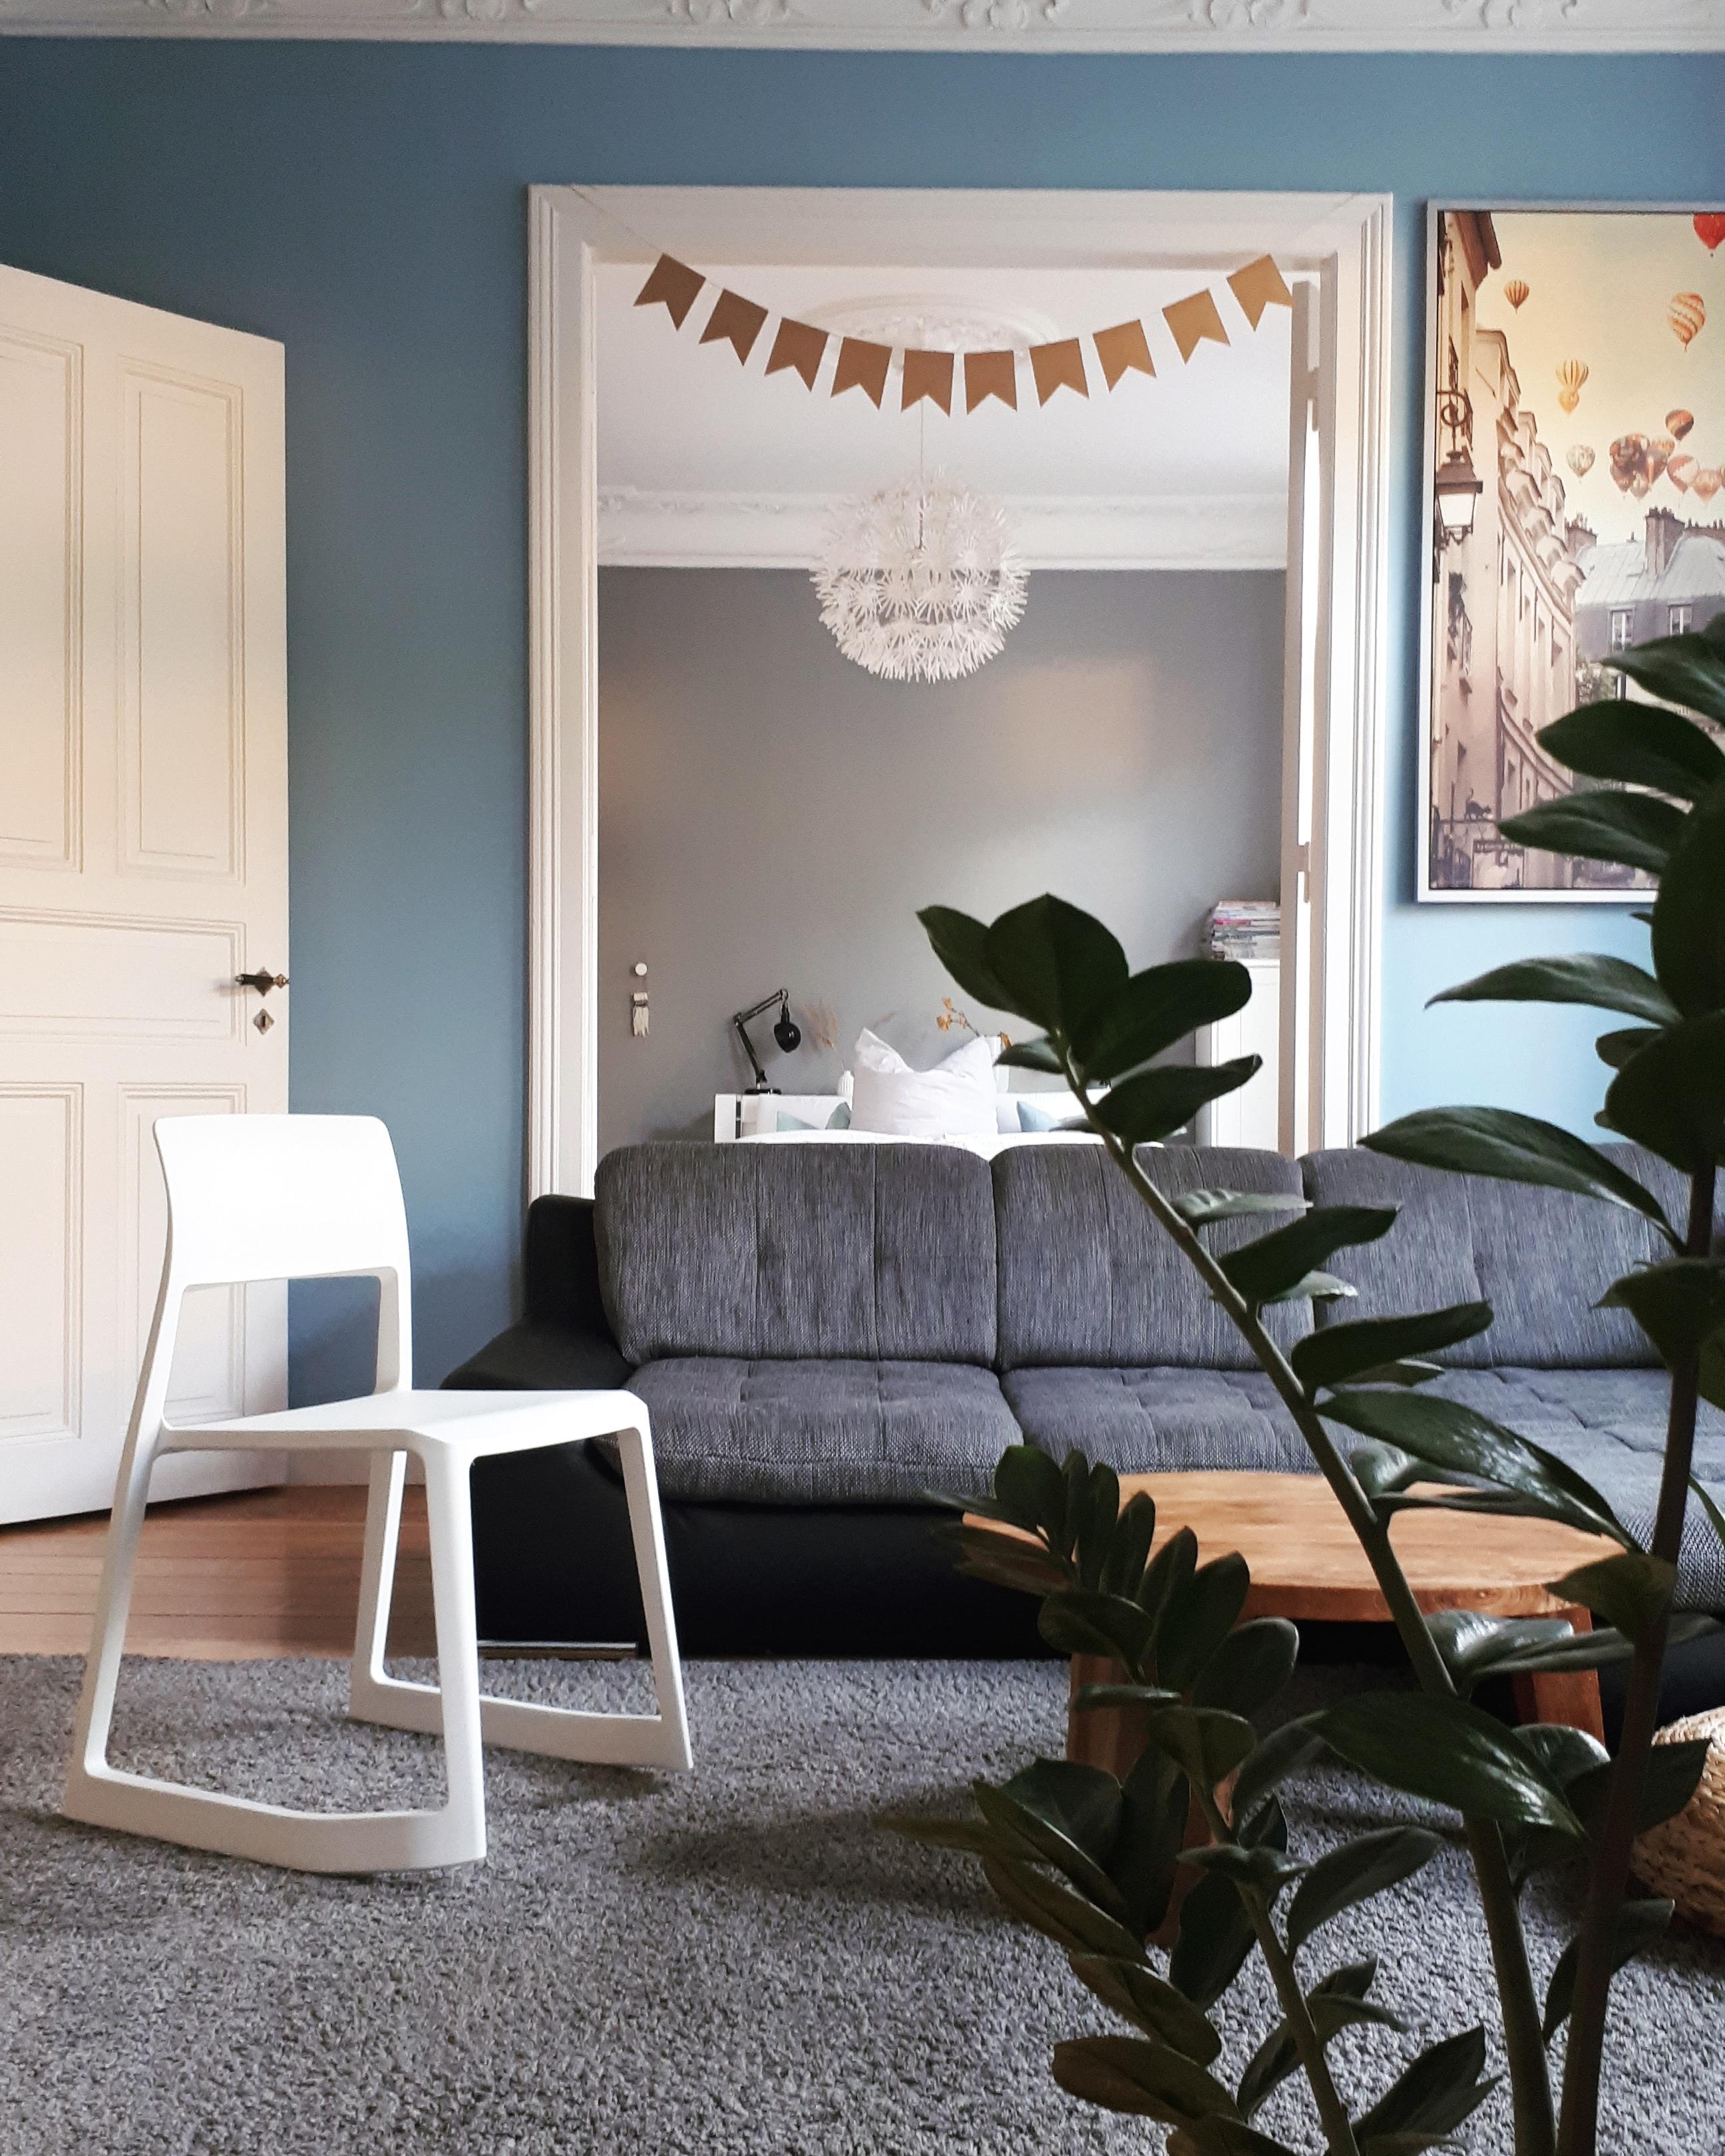 Partystimmung 🥂 #wohnzimmer #schlafzimmer #durchblick #altbau